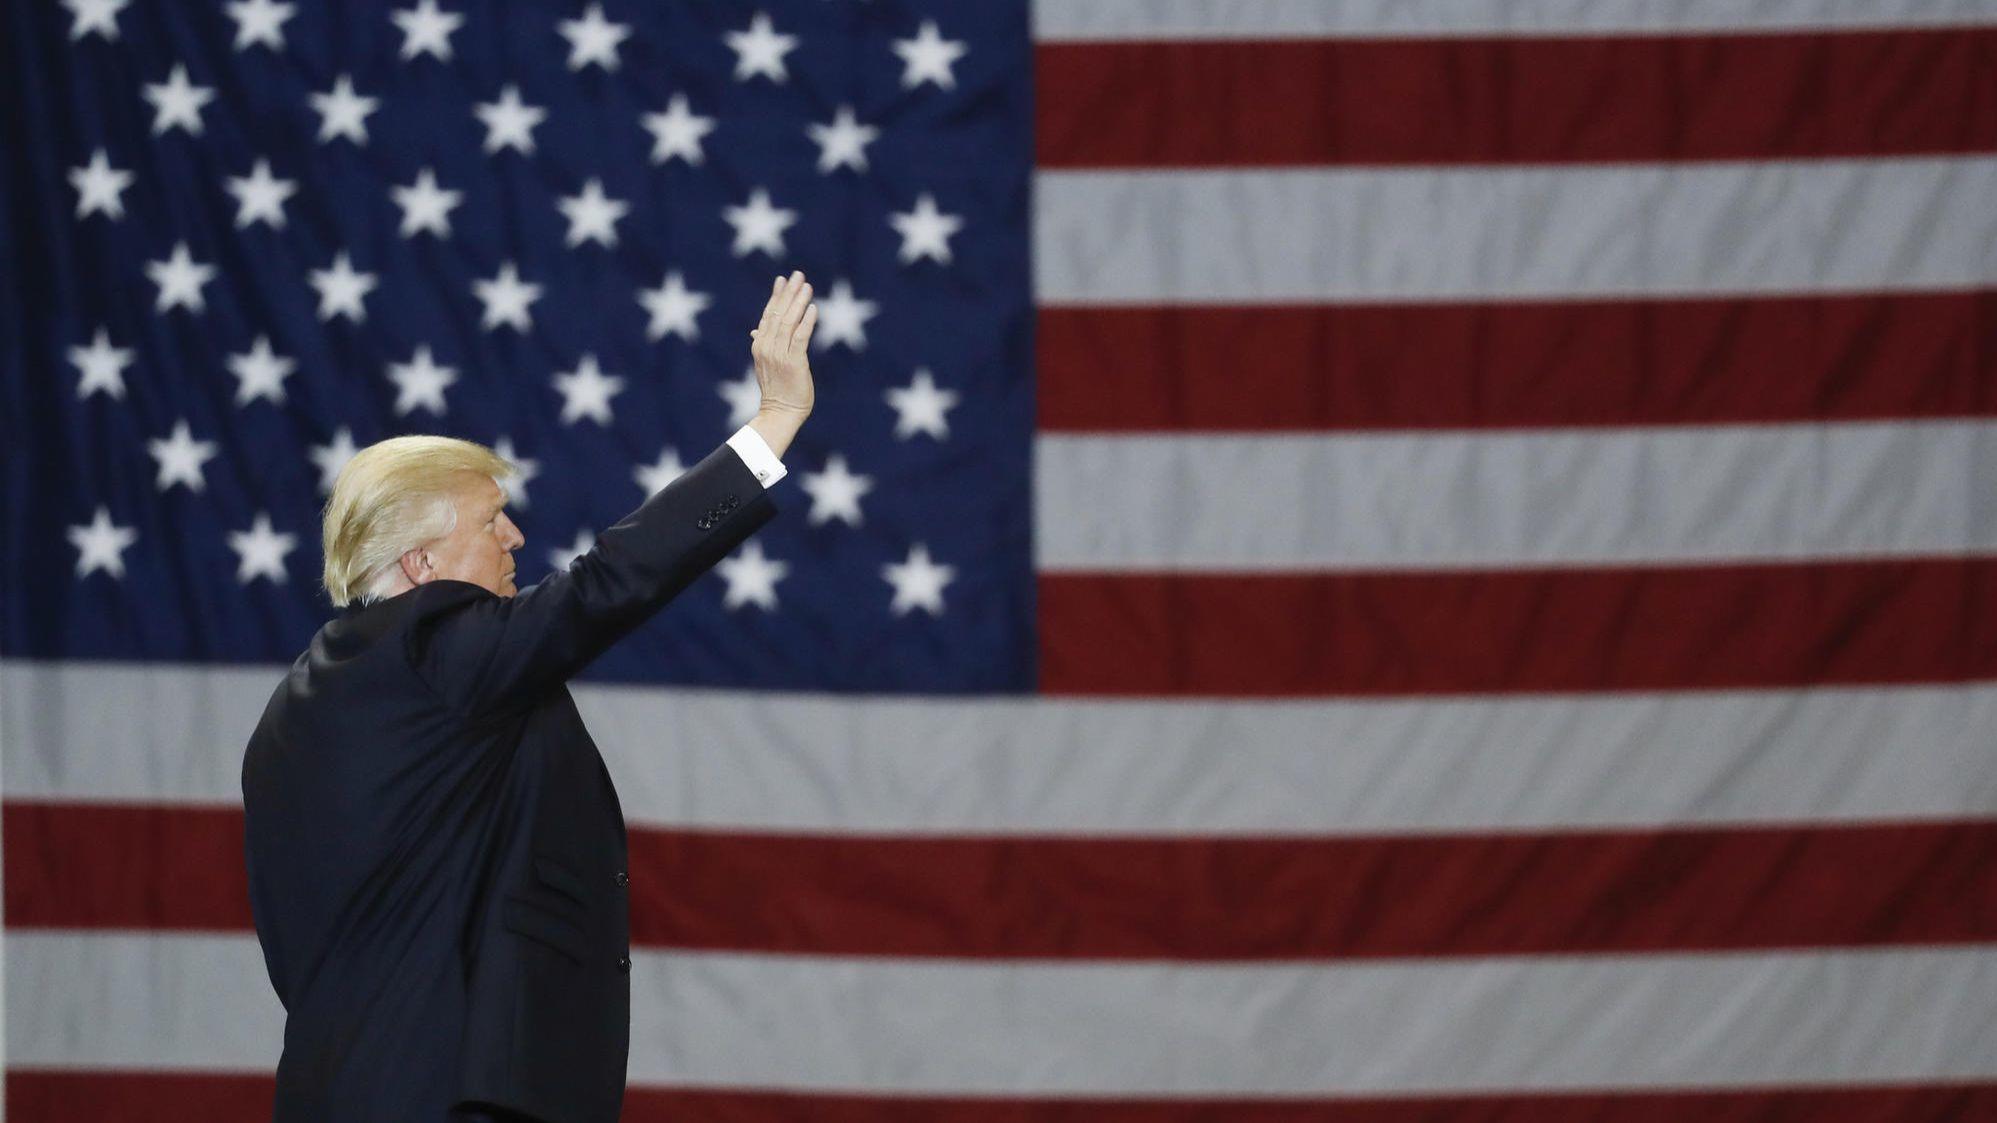 Donald Trump is not a patriot